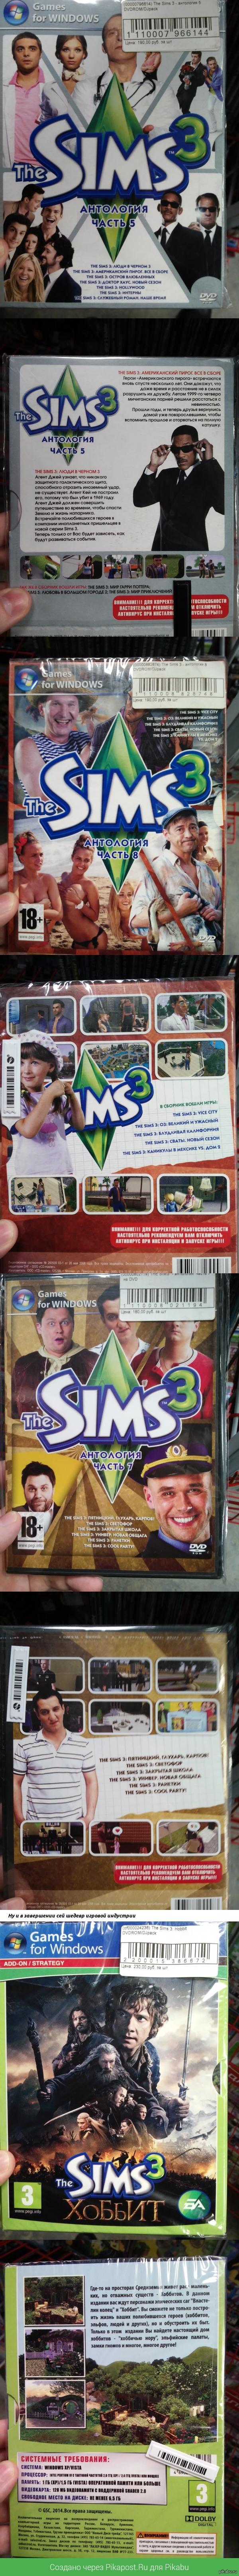 The Sims 3 на любой вкус Я увидел некоторое дерьмо...